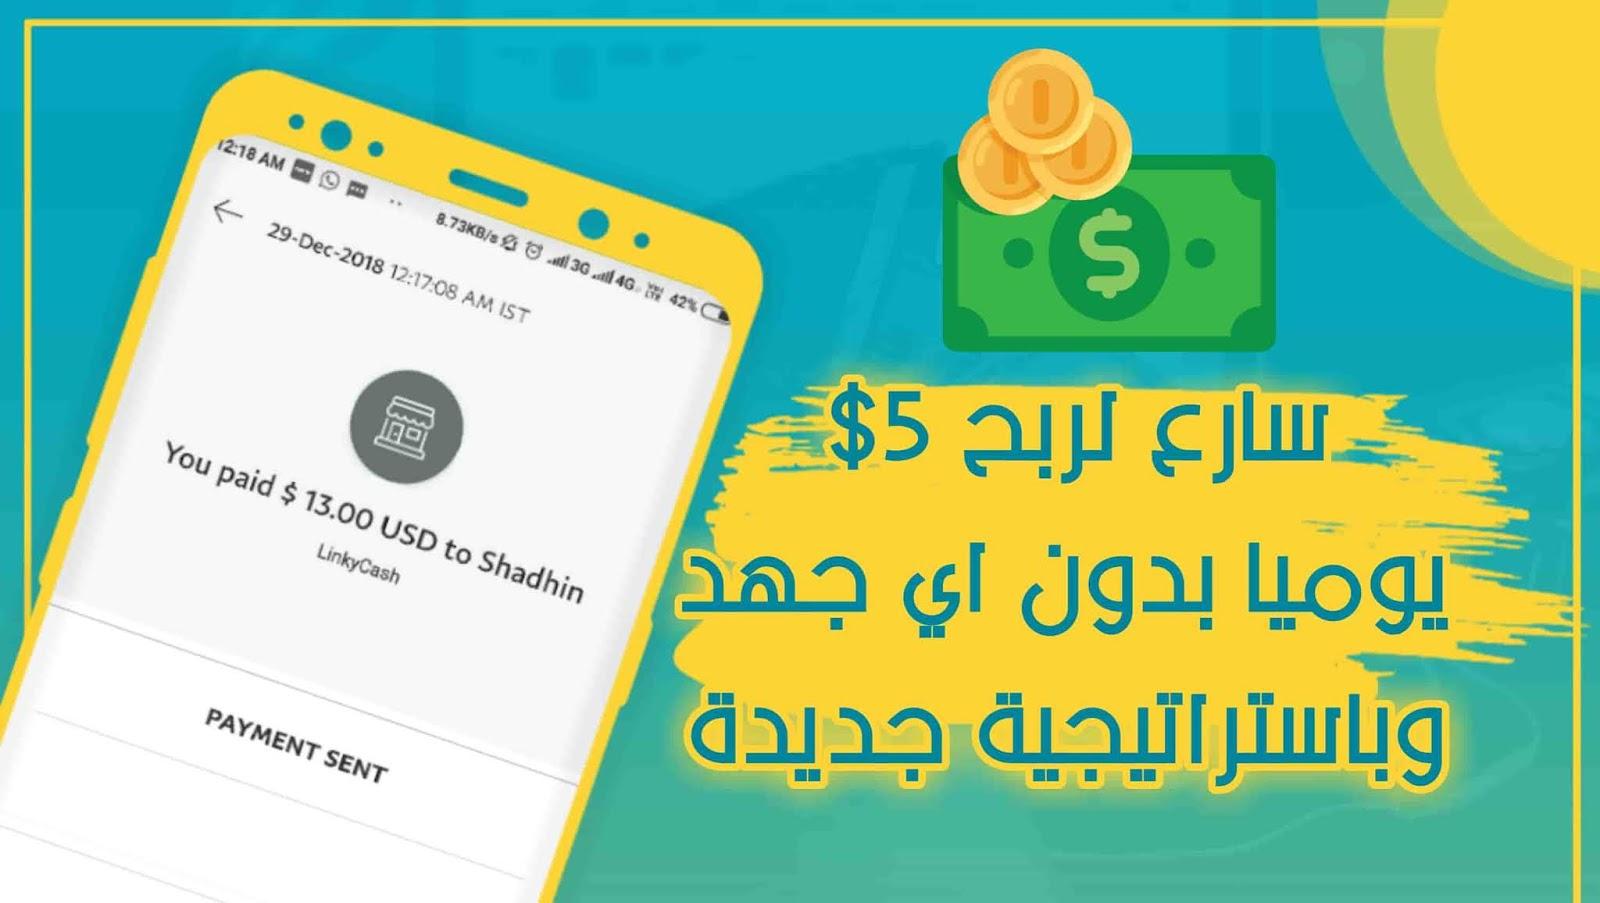 طريقة ربح الأموال من أفضل موقع لاختصار الروابط يعطيك أعلى عائد للدول العربية